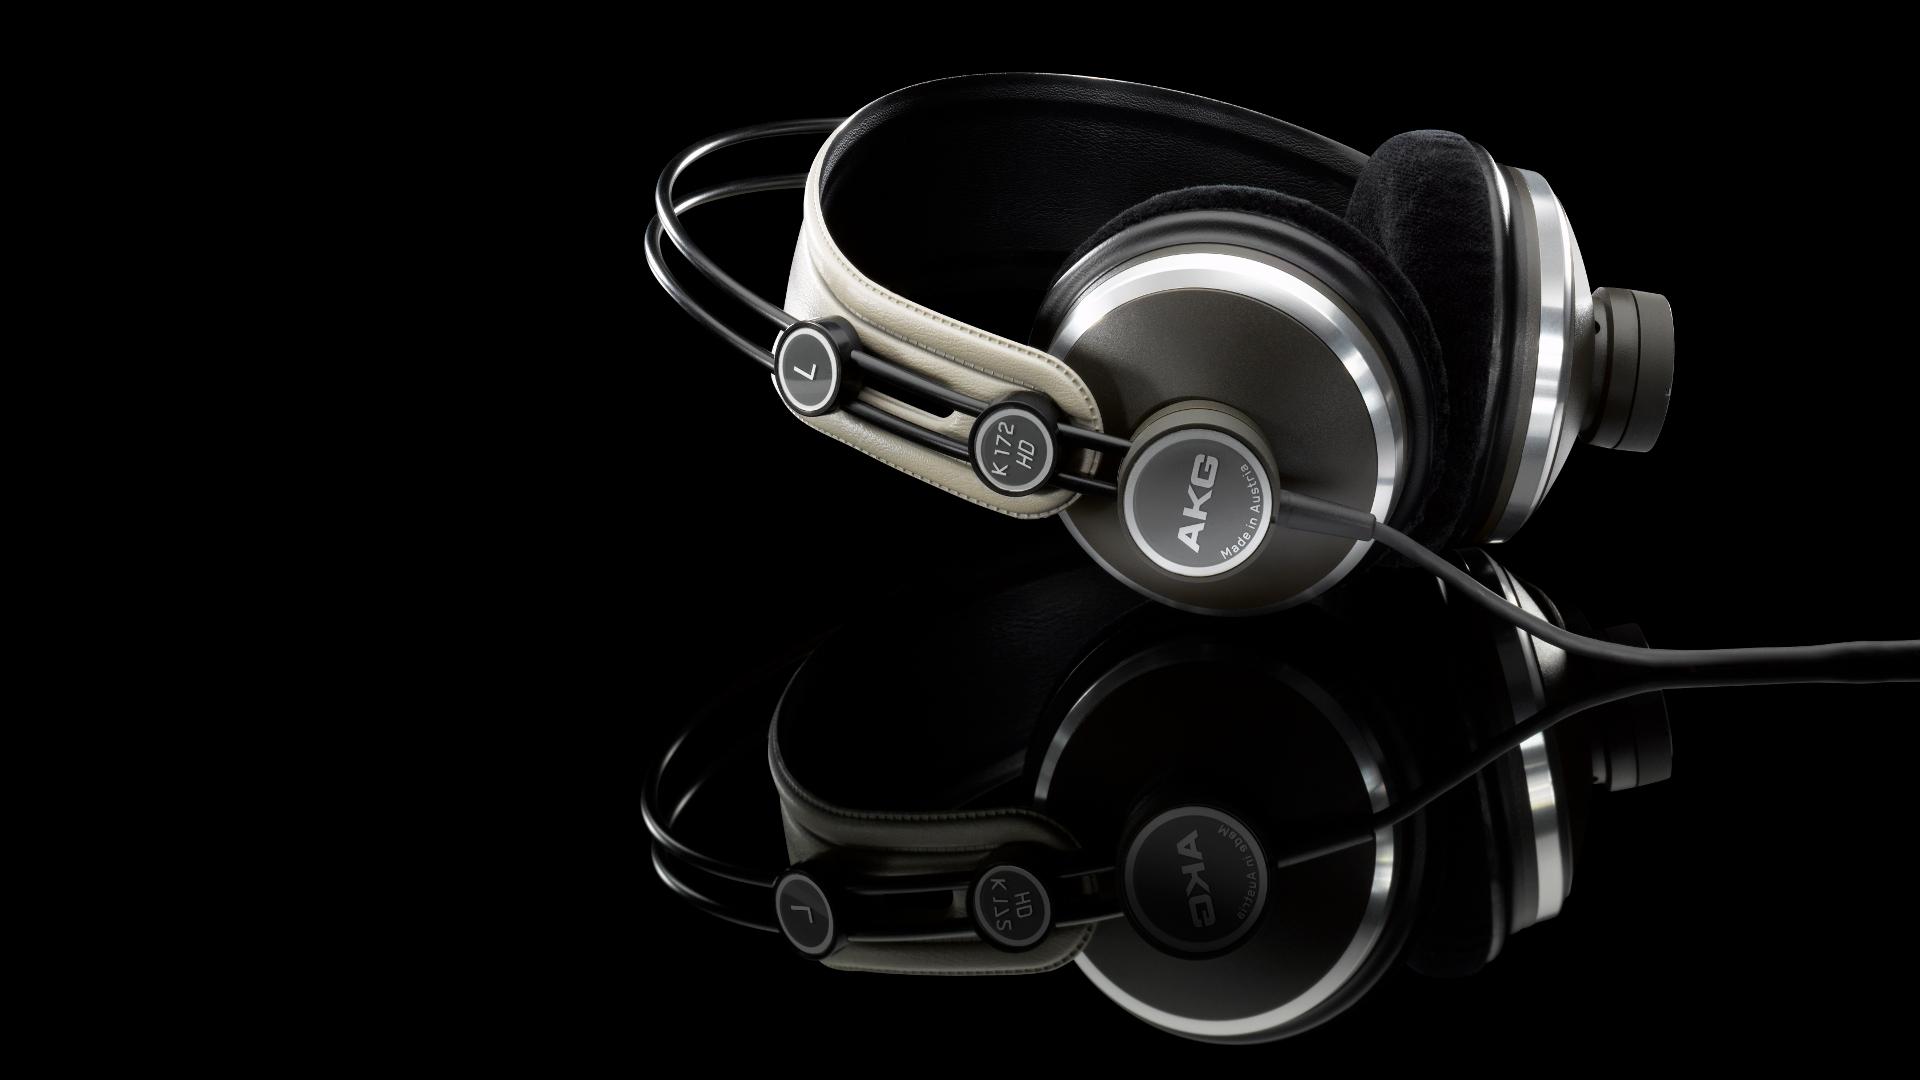 headphones desktop wallpaper 58691